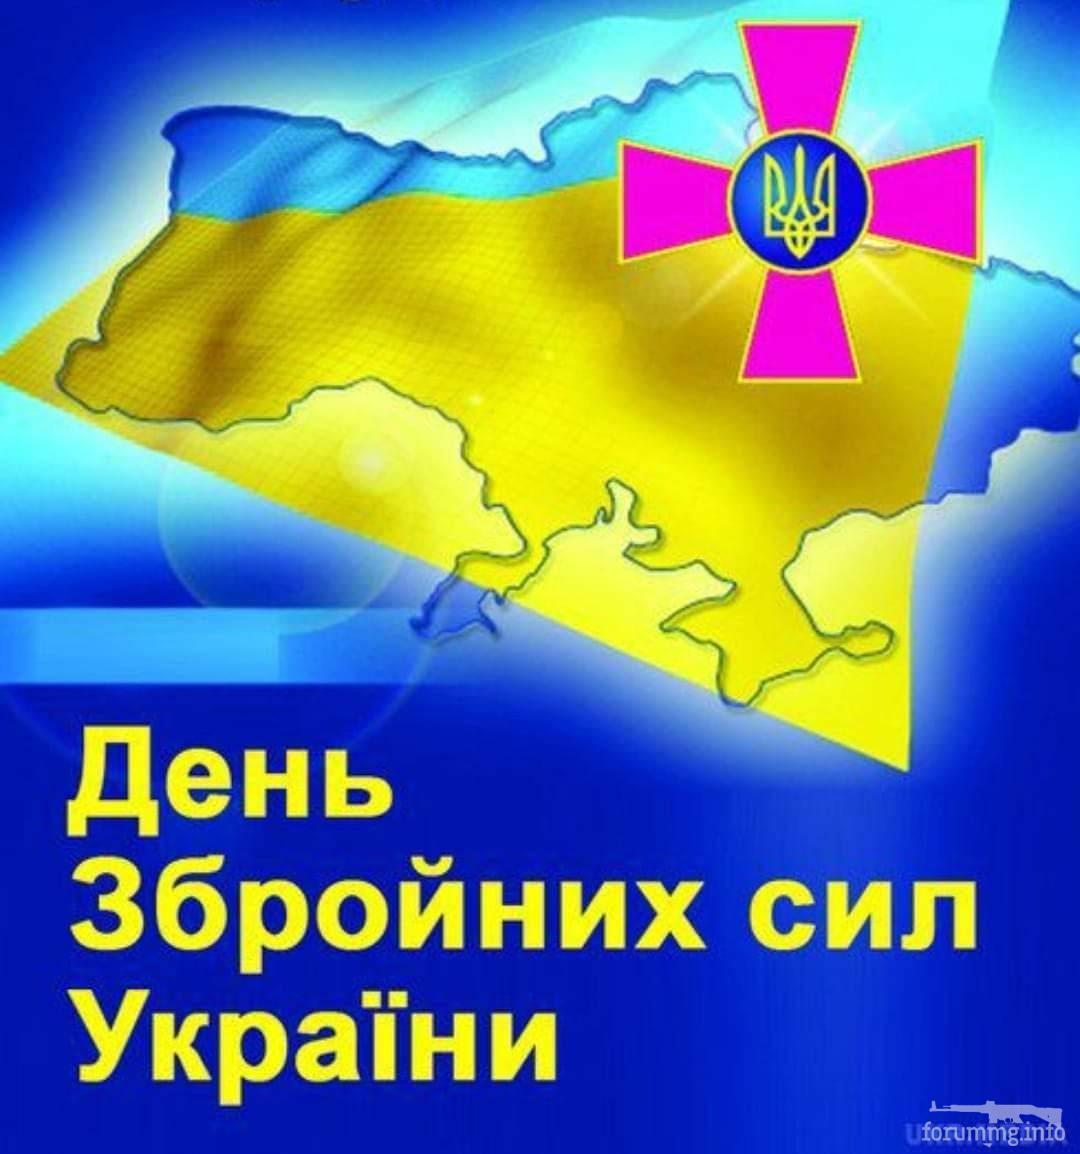 116787 - С Днем Вооруженных Сил Украины!